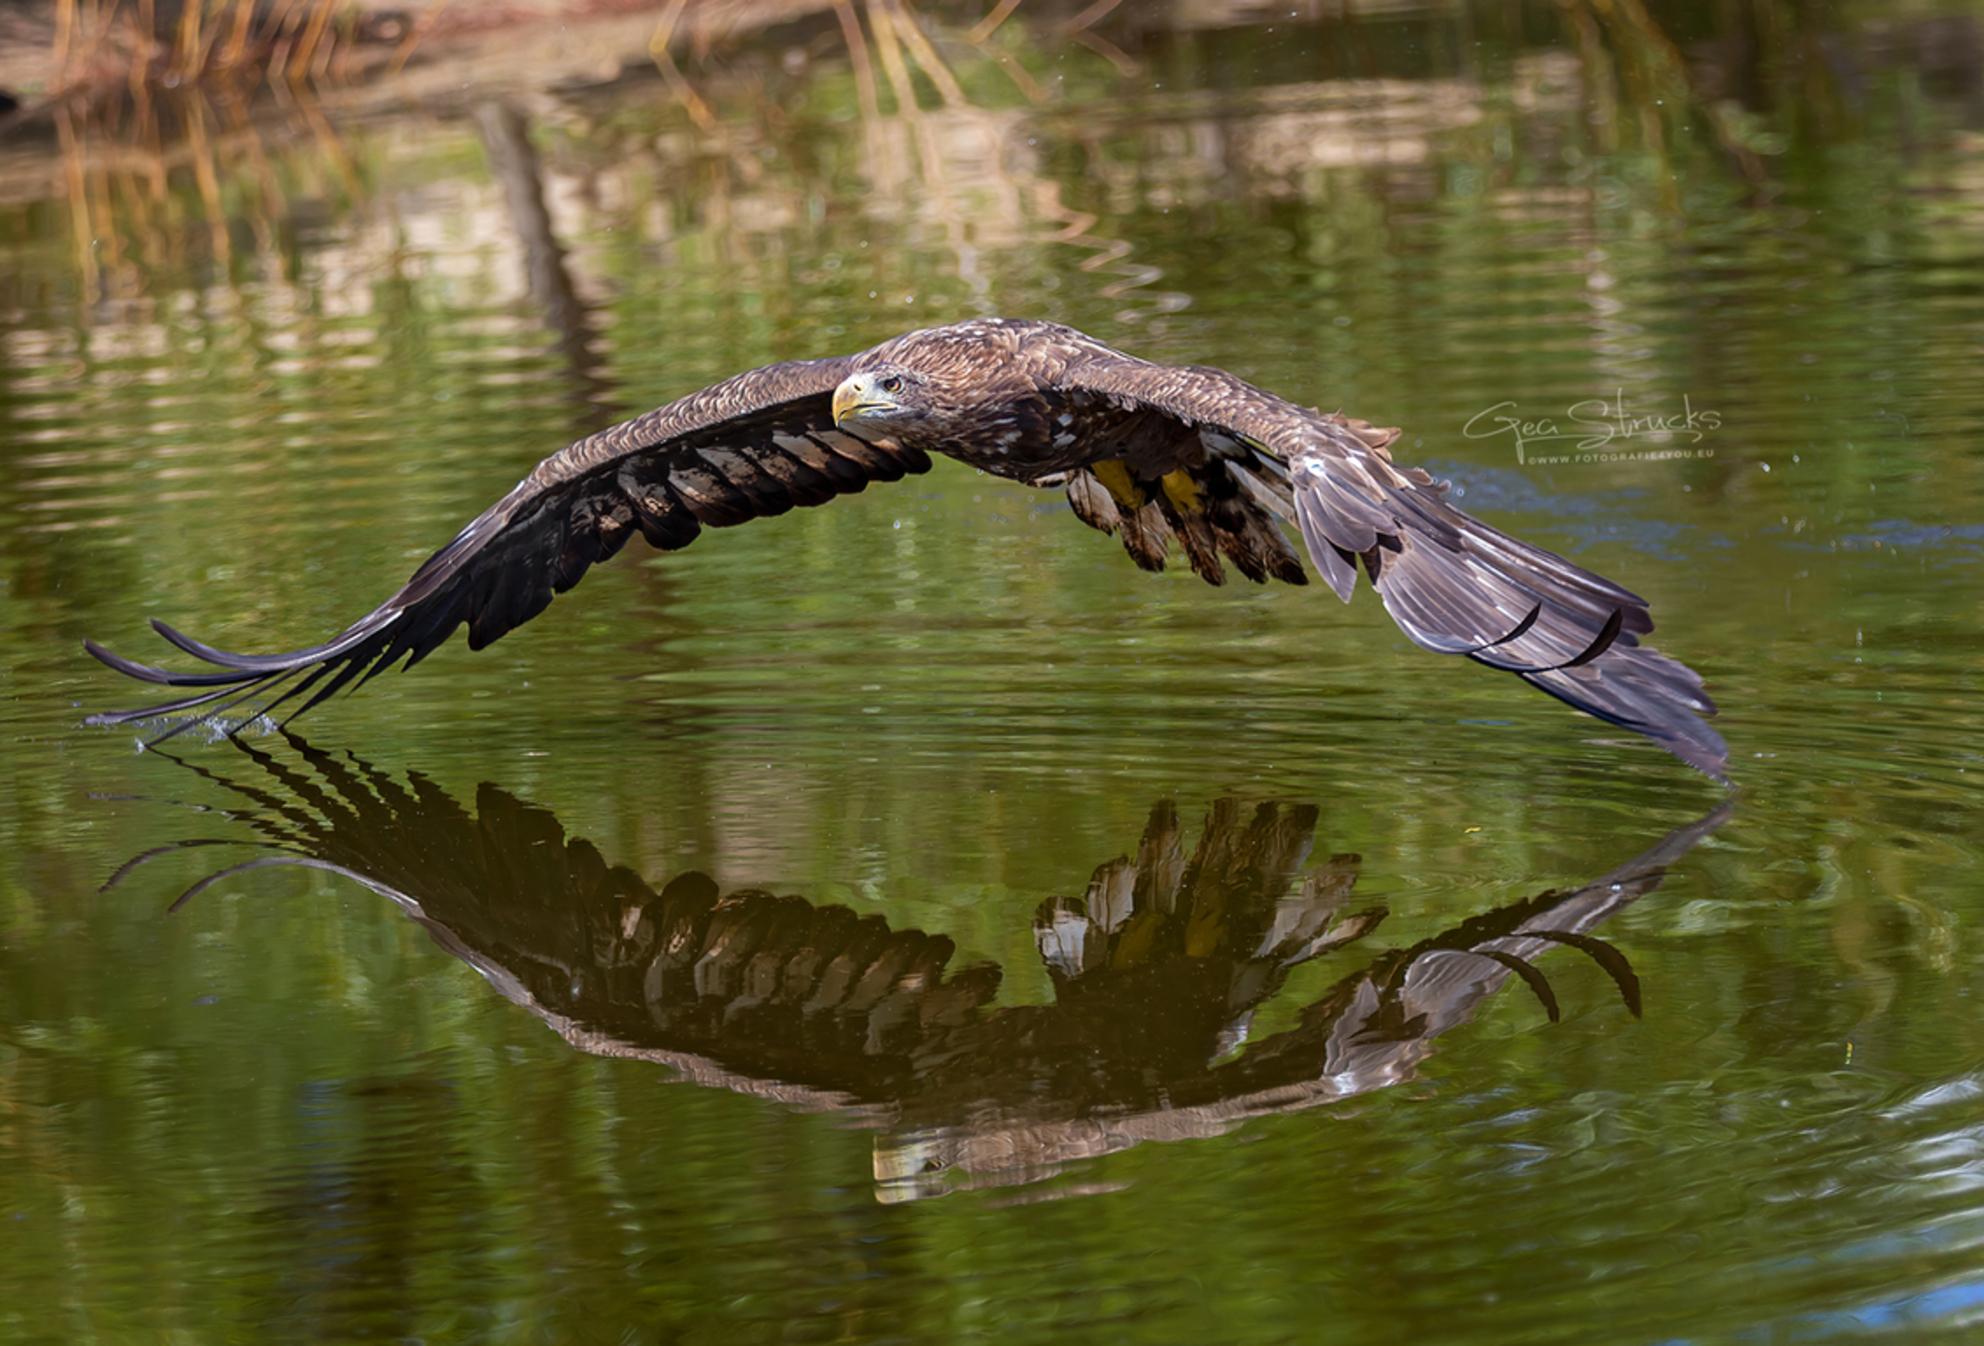 Zeearend - Europese zeearend vliegt over het water op zoek naar prooi - foto door madcorona op 21-09-2020 - deze foto bevat: water, reflectie, zeearend, eagle, eagles, europe, raptor, Europese zeearend - Deze foto mag gebruikt worden in een Zoom.nl publicatie